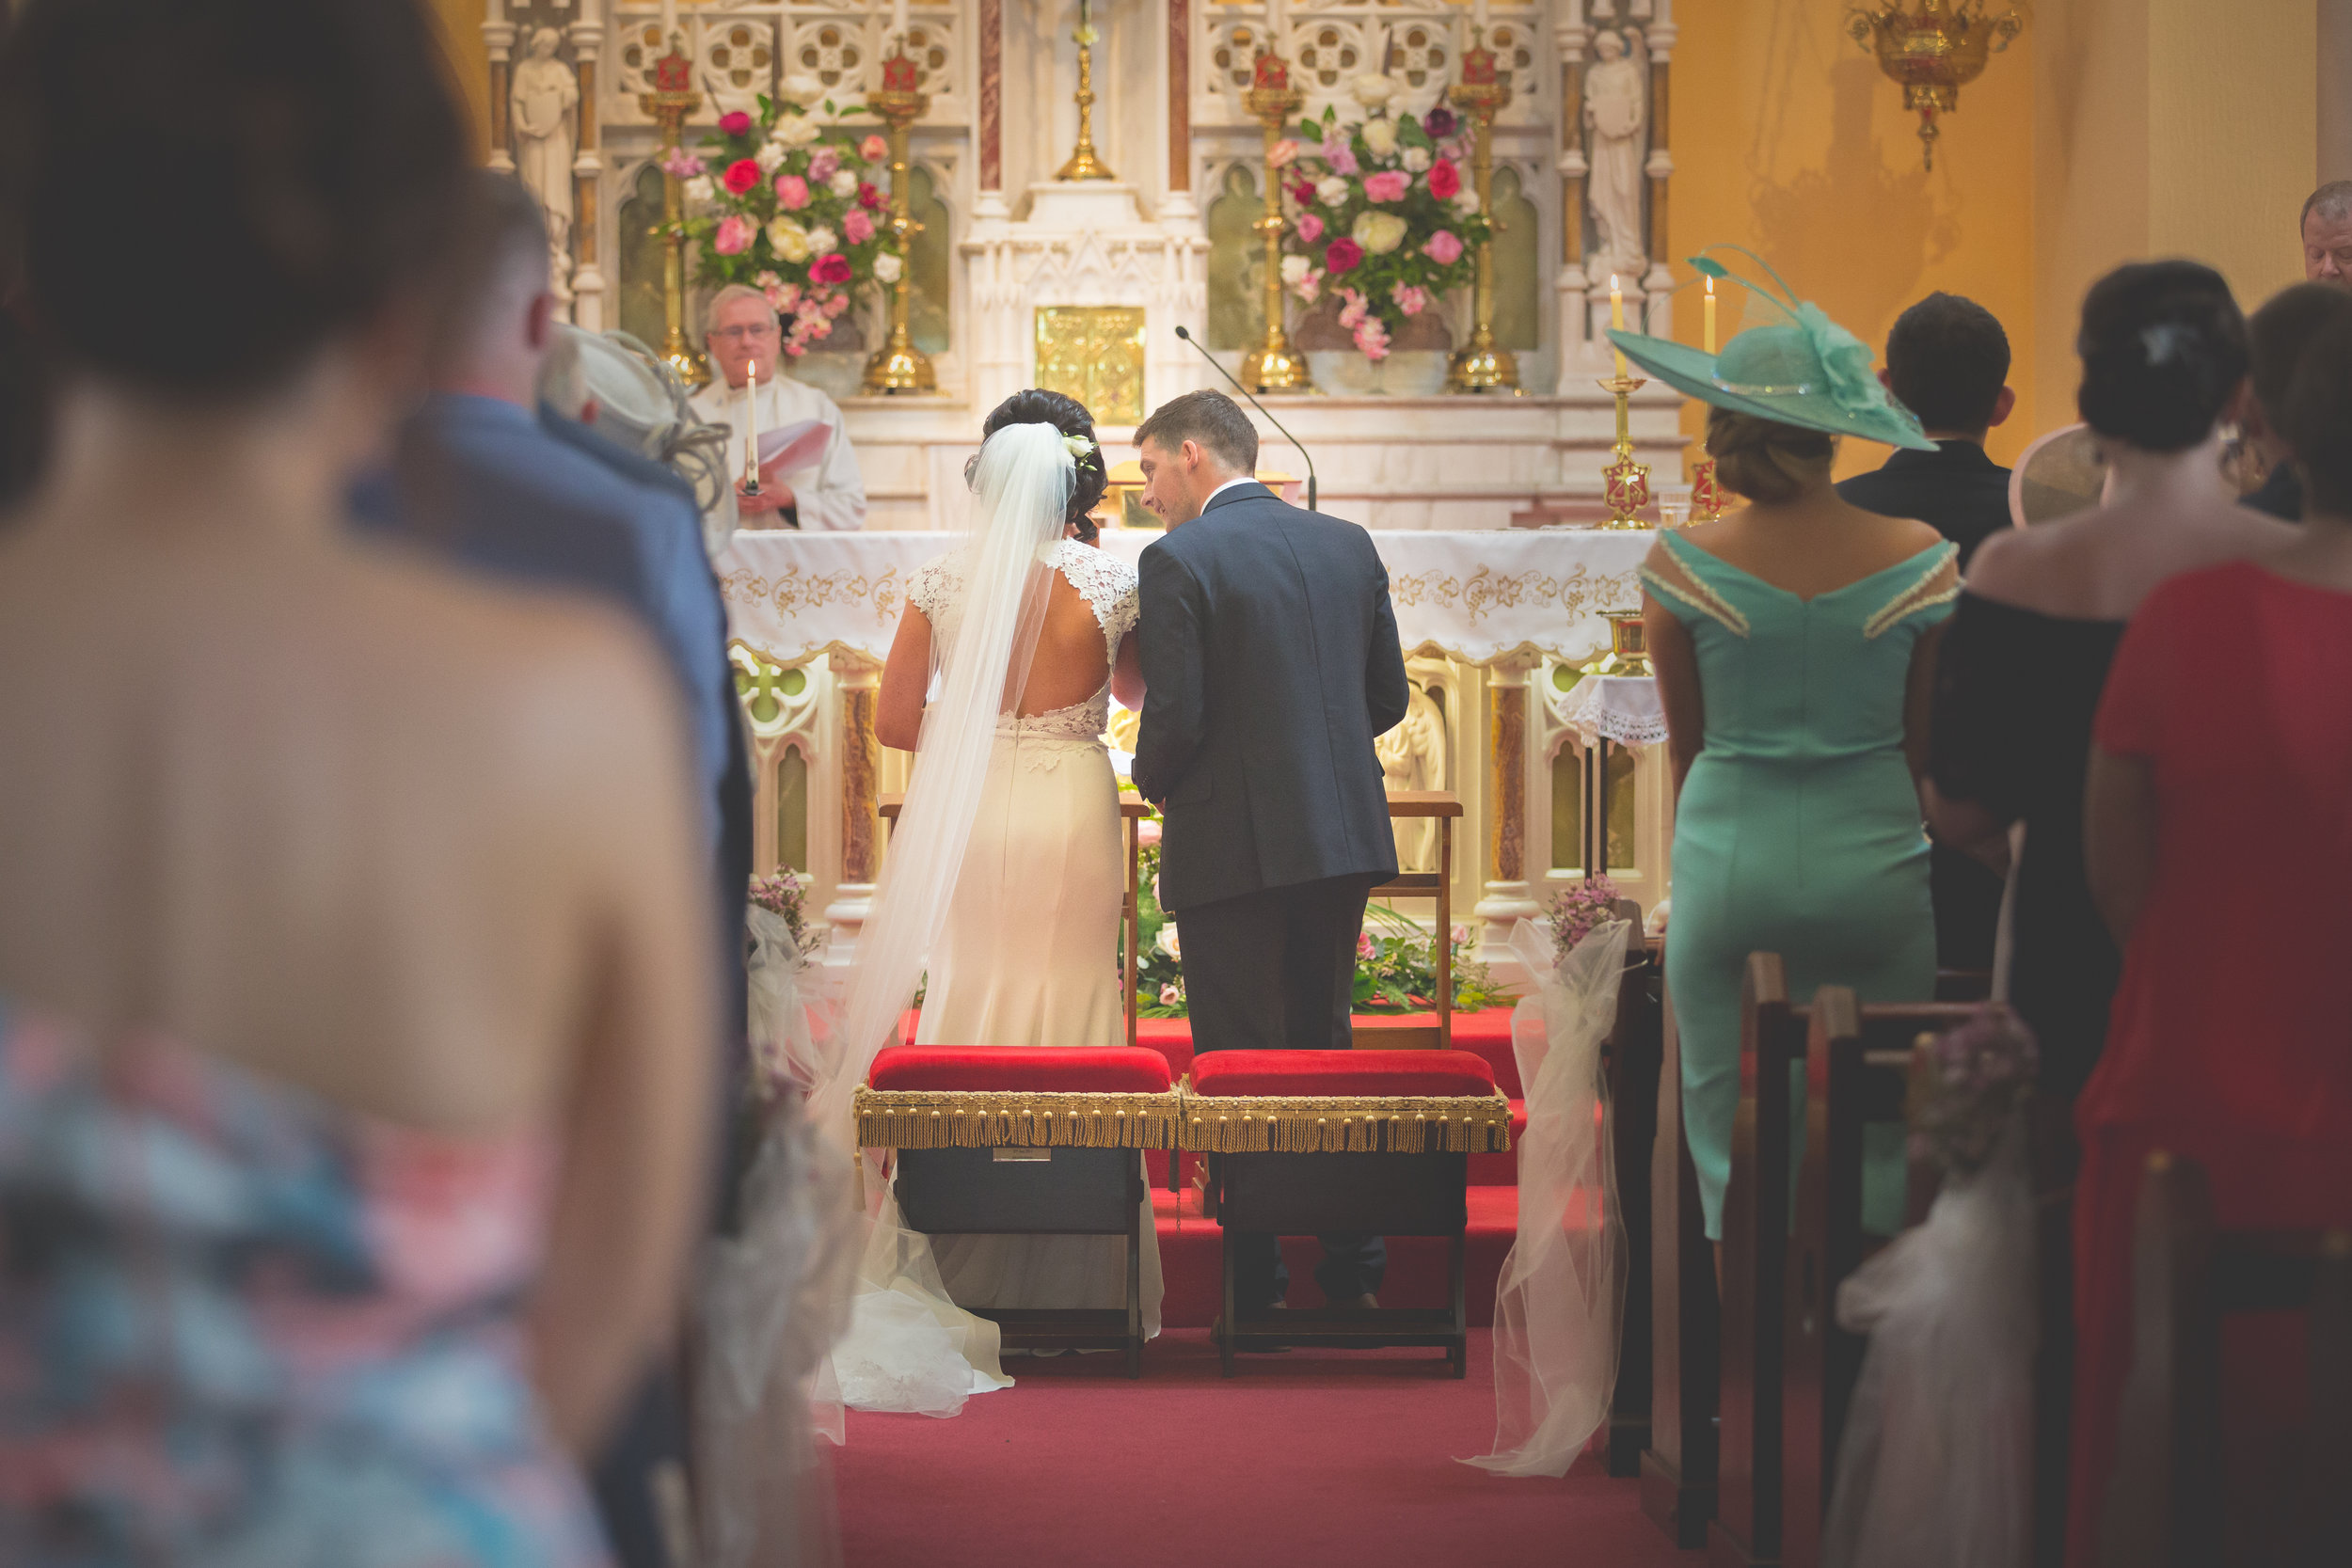 Brian McEwan Wedding Photography   Carol-Anne & Sean   The Ceremony-32.jpg